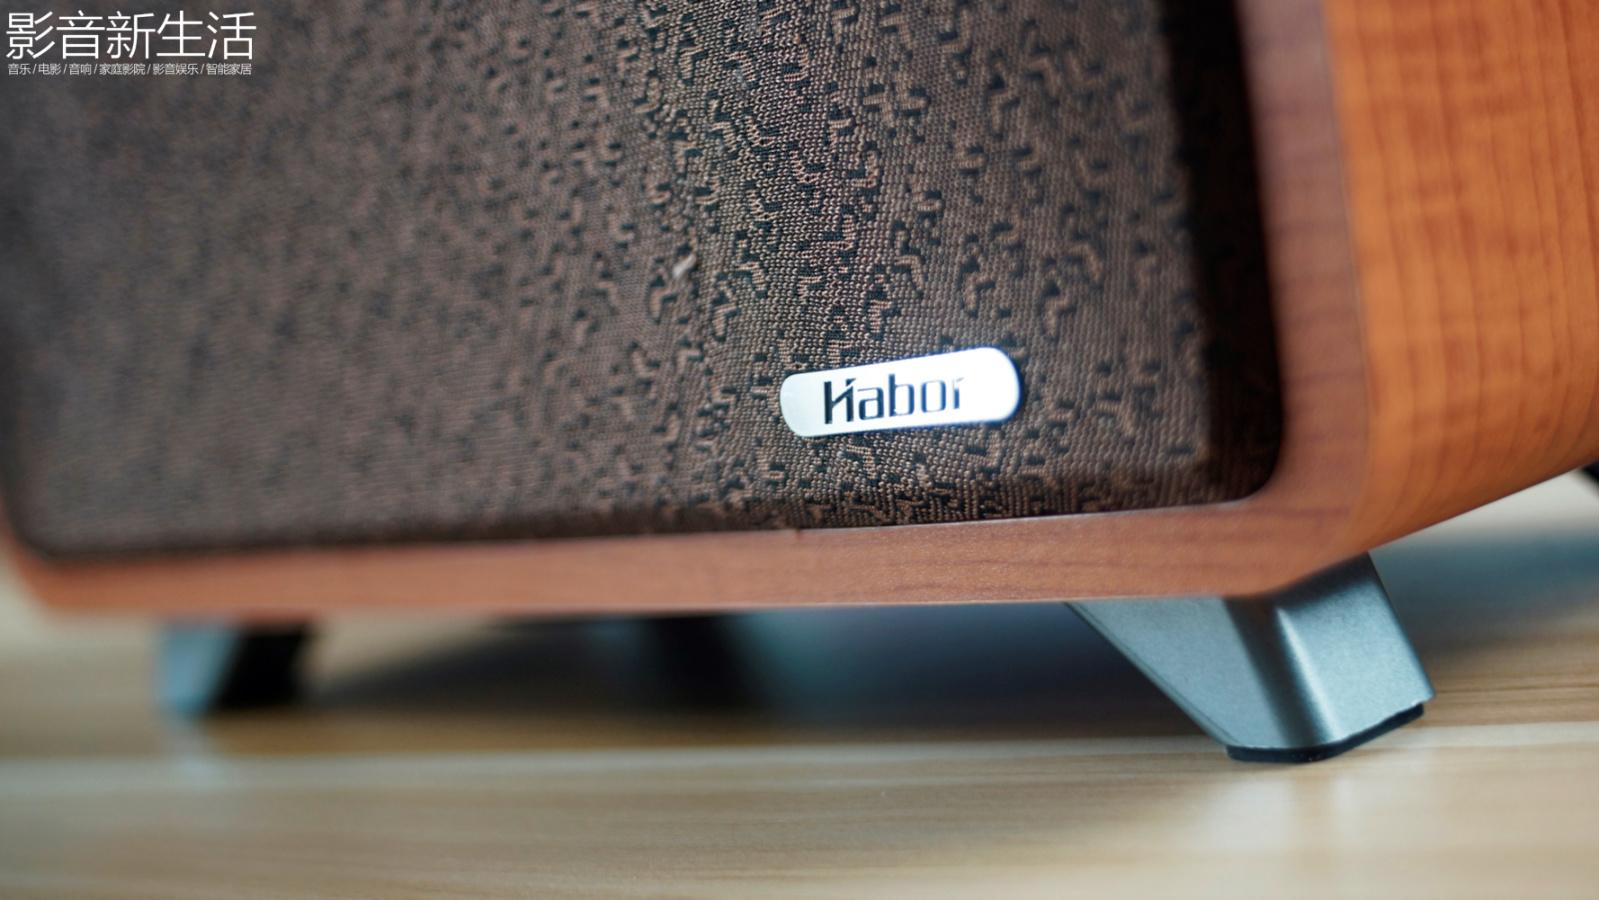 """Habor T50 7 - 新品  """"复古工艺,唯美声音"""" Habor 哈勃 T50 蓝牙音箱"""